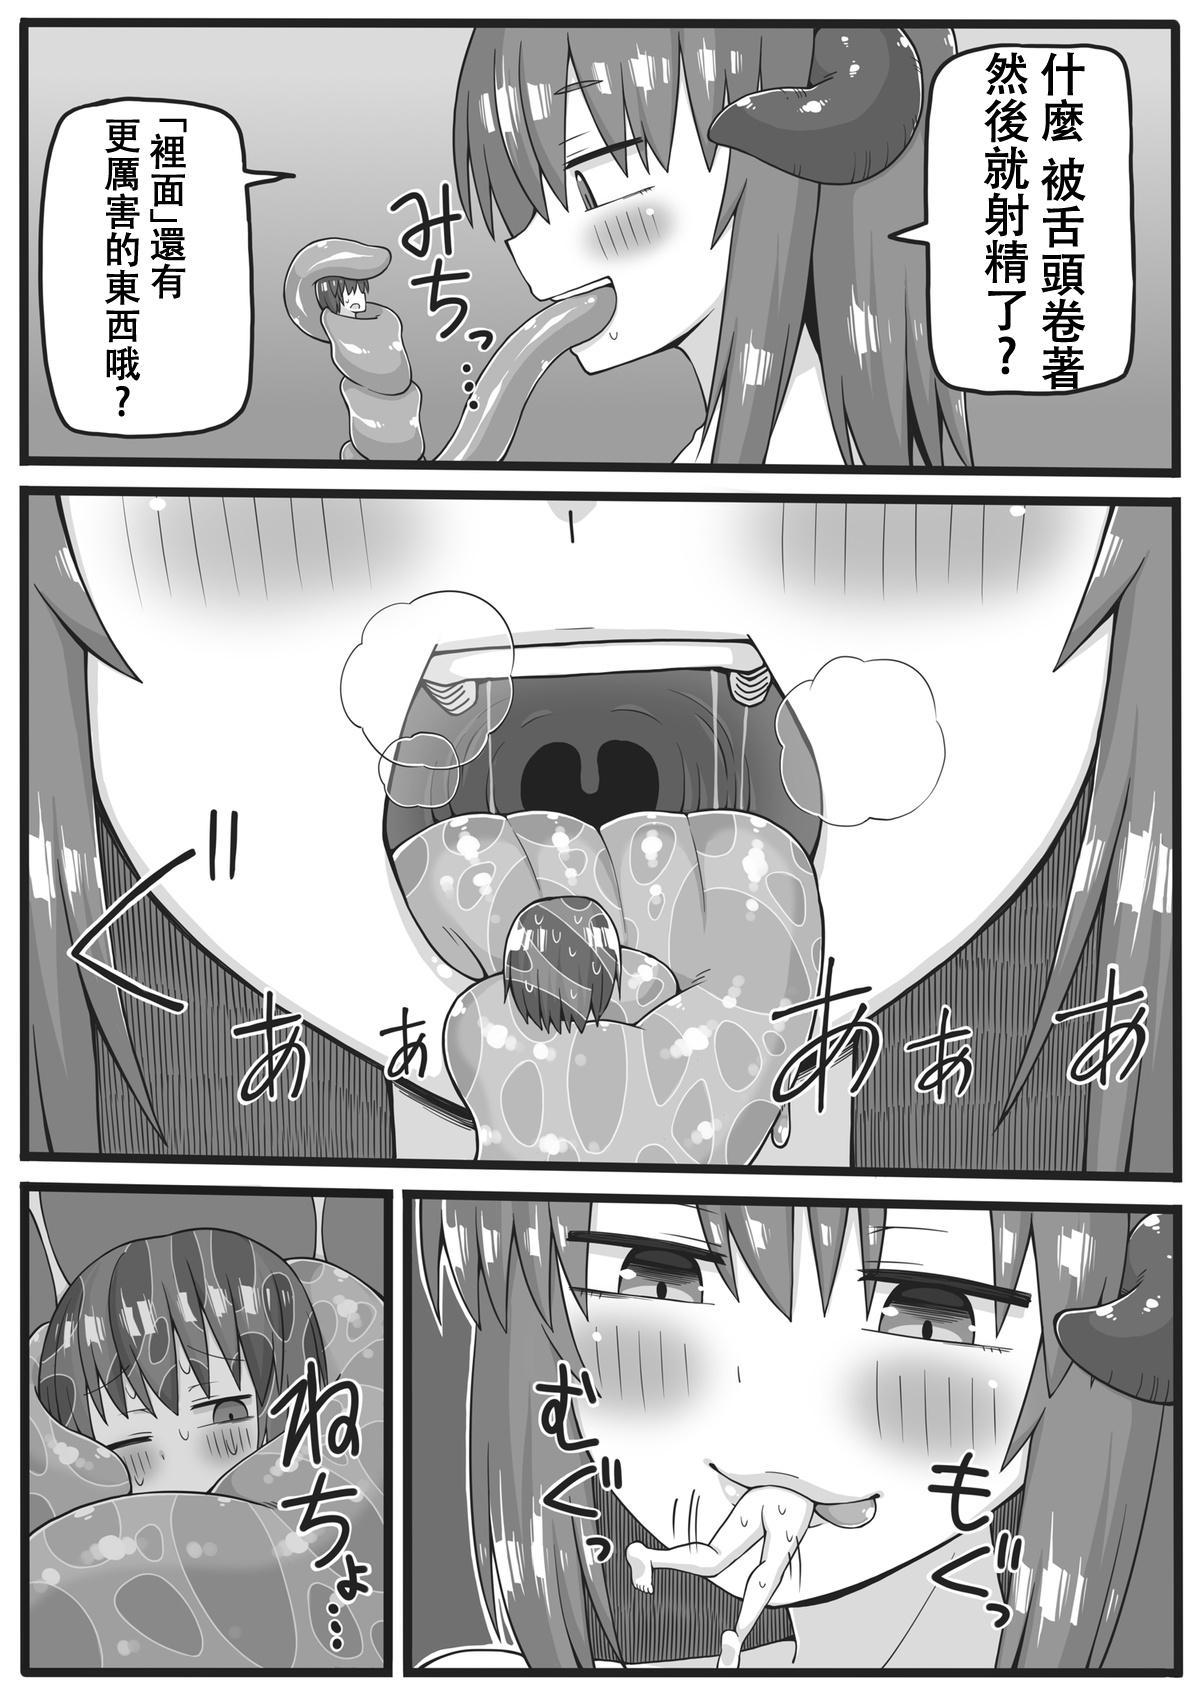 Yuusha ga Chiisaku Ecchi na Koto o Sarete Shimau Manga 25